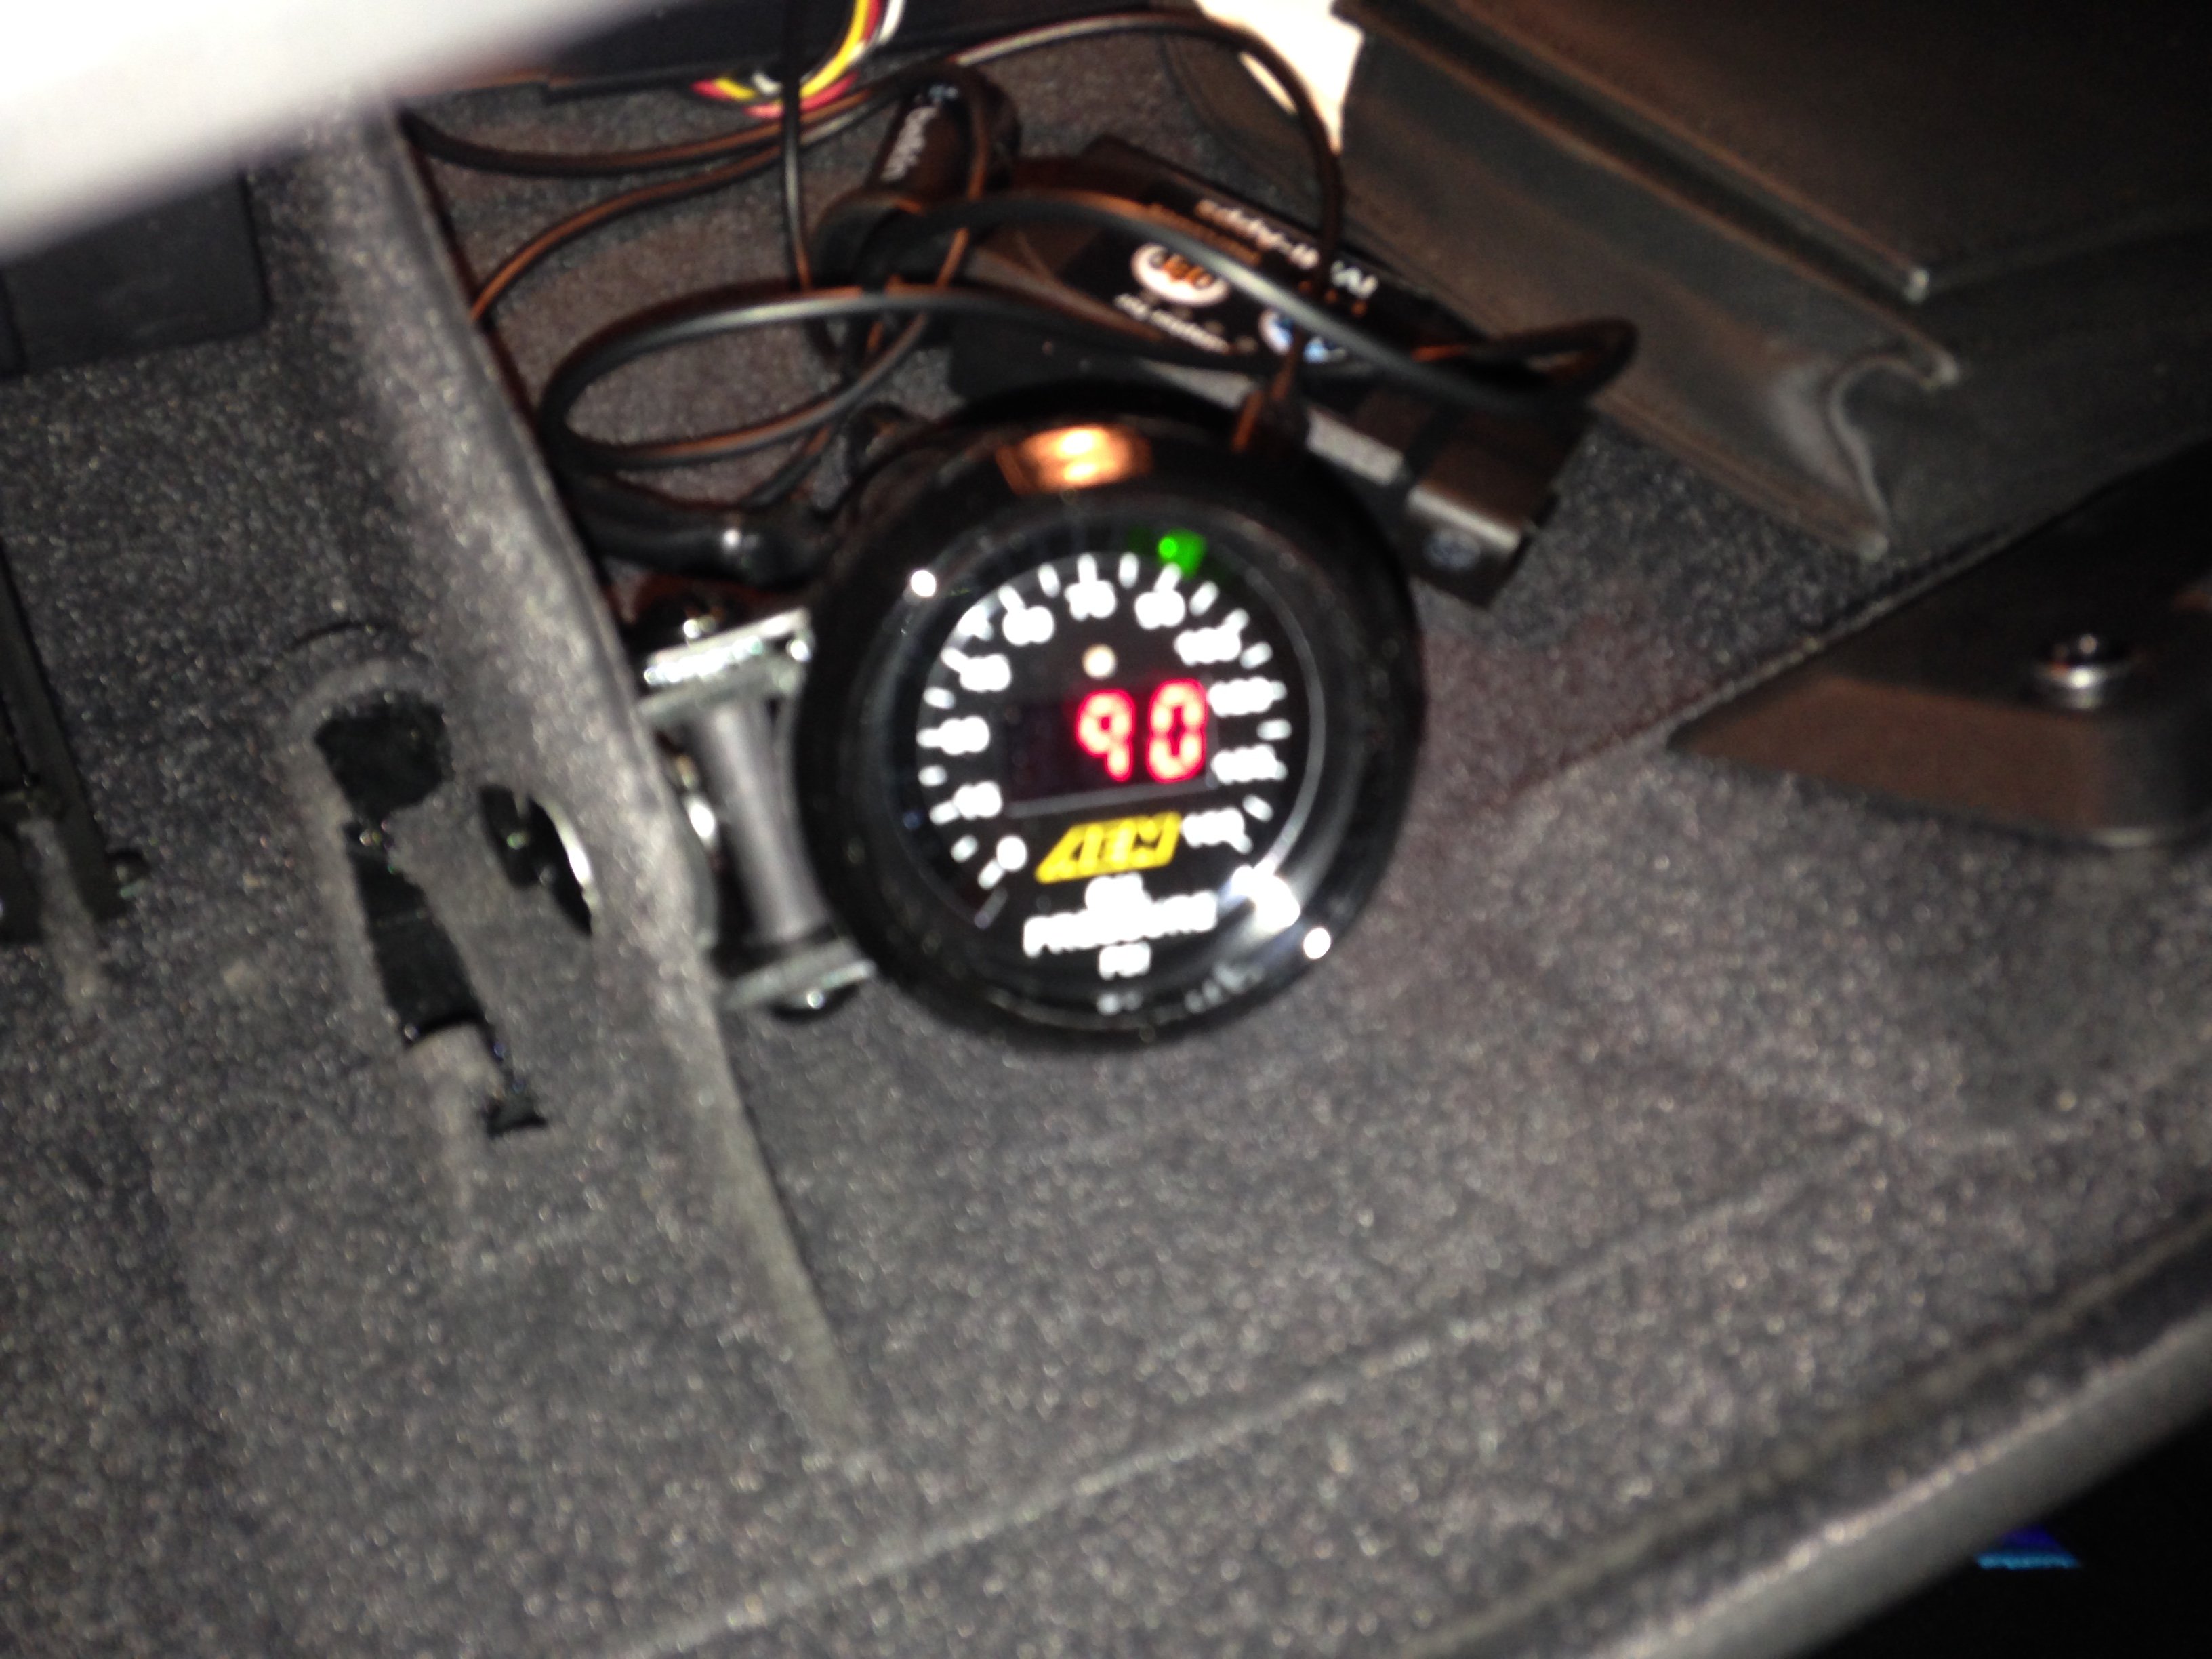 e46 m3 oil pressure sensor location